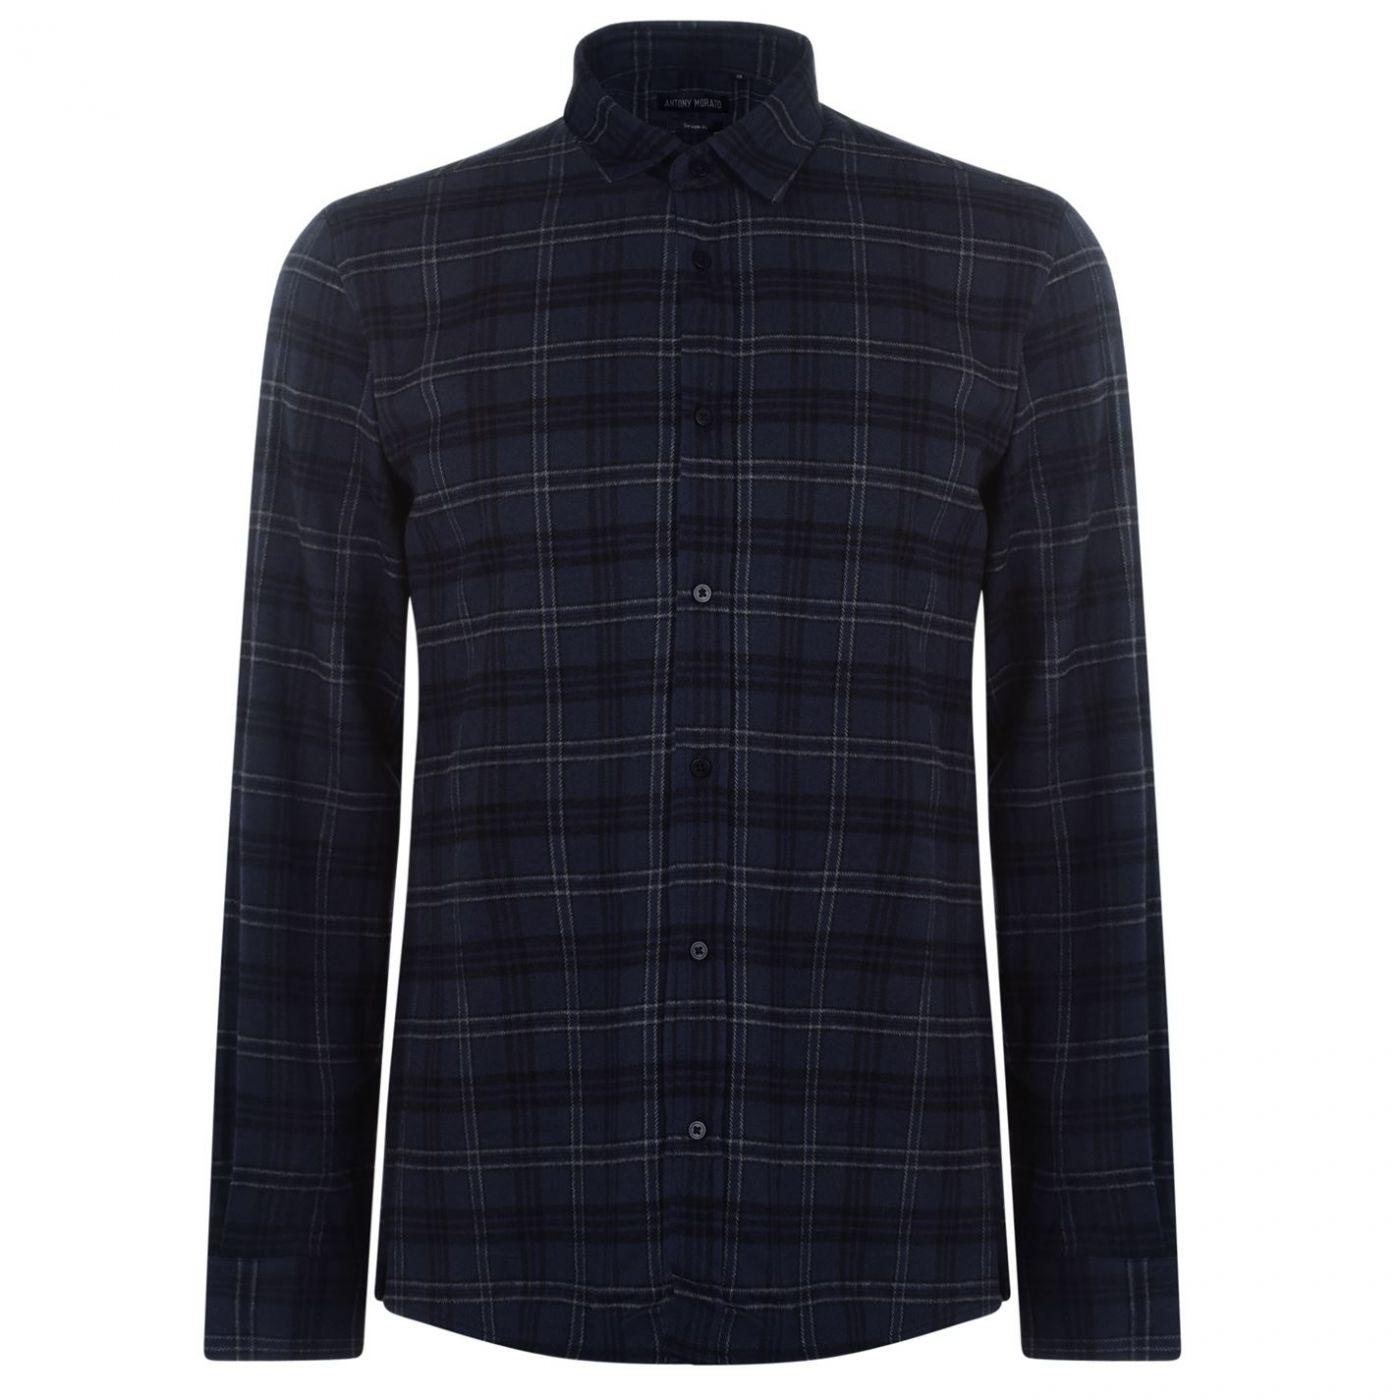 Antony Morato Long Sleeve Checked Shirt